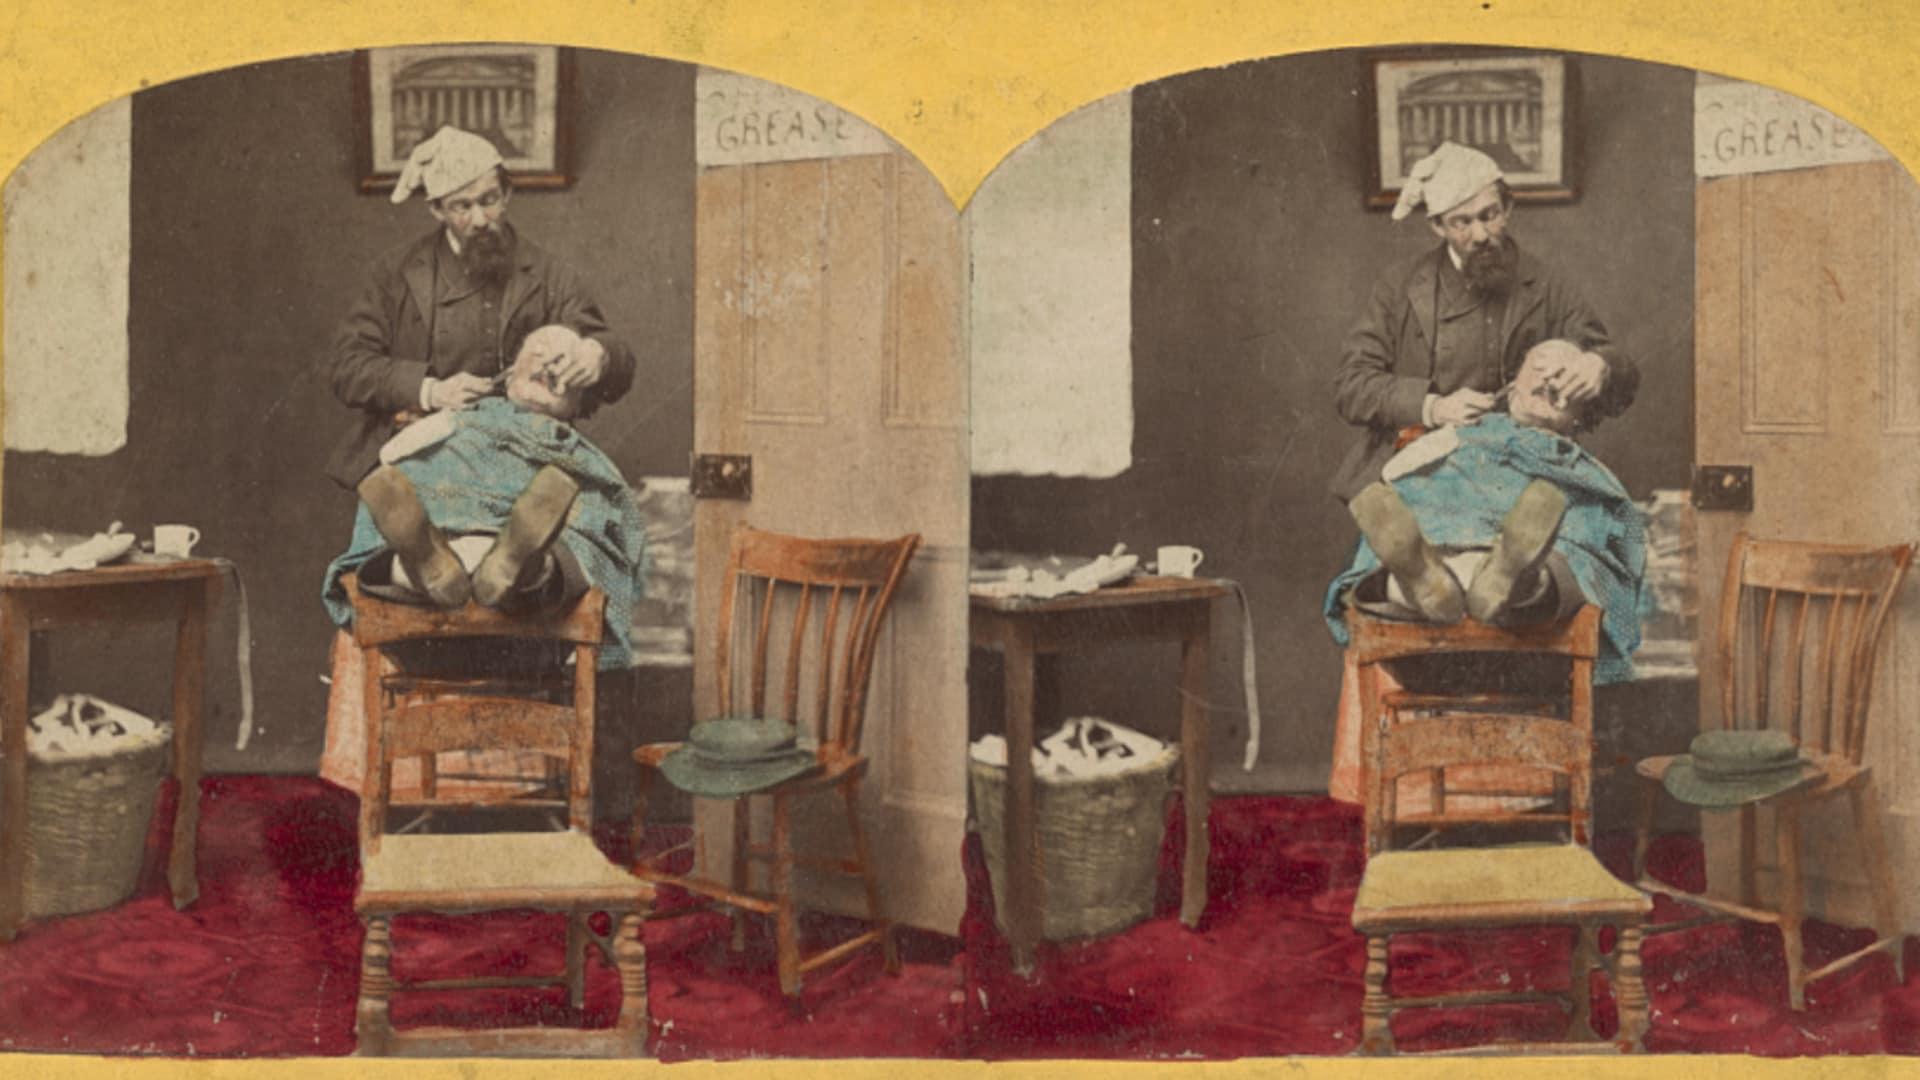 Un client se fait raser dans un salon au mobilier plutôt rudimentaire. Le client est en équilibre précaire, les deux pieds posés sur le dossier d'une chaise. Une corbeille d'osier semble déborder de linge sale sous ls table.